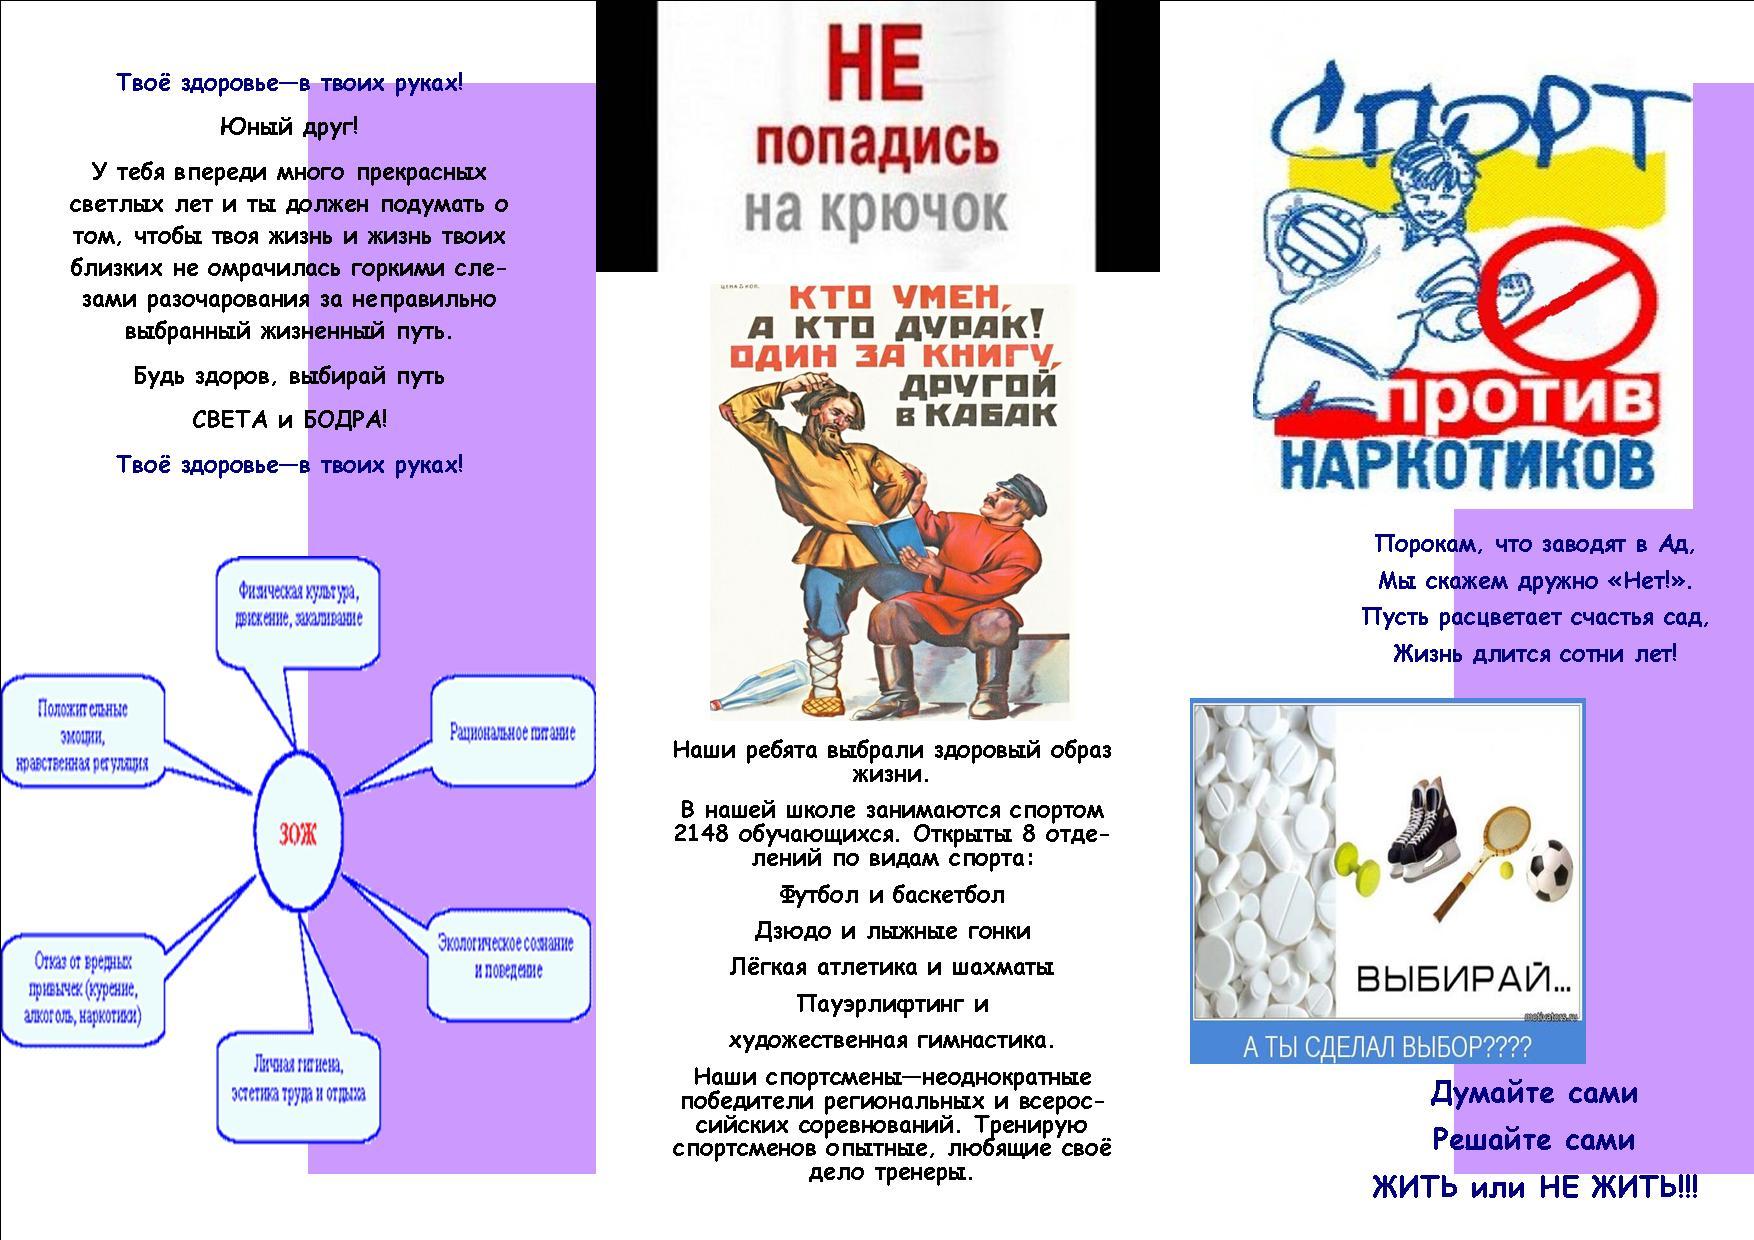 мероприятия по здоровому образу жизни для дошкольников